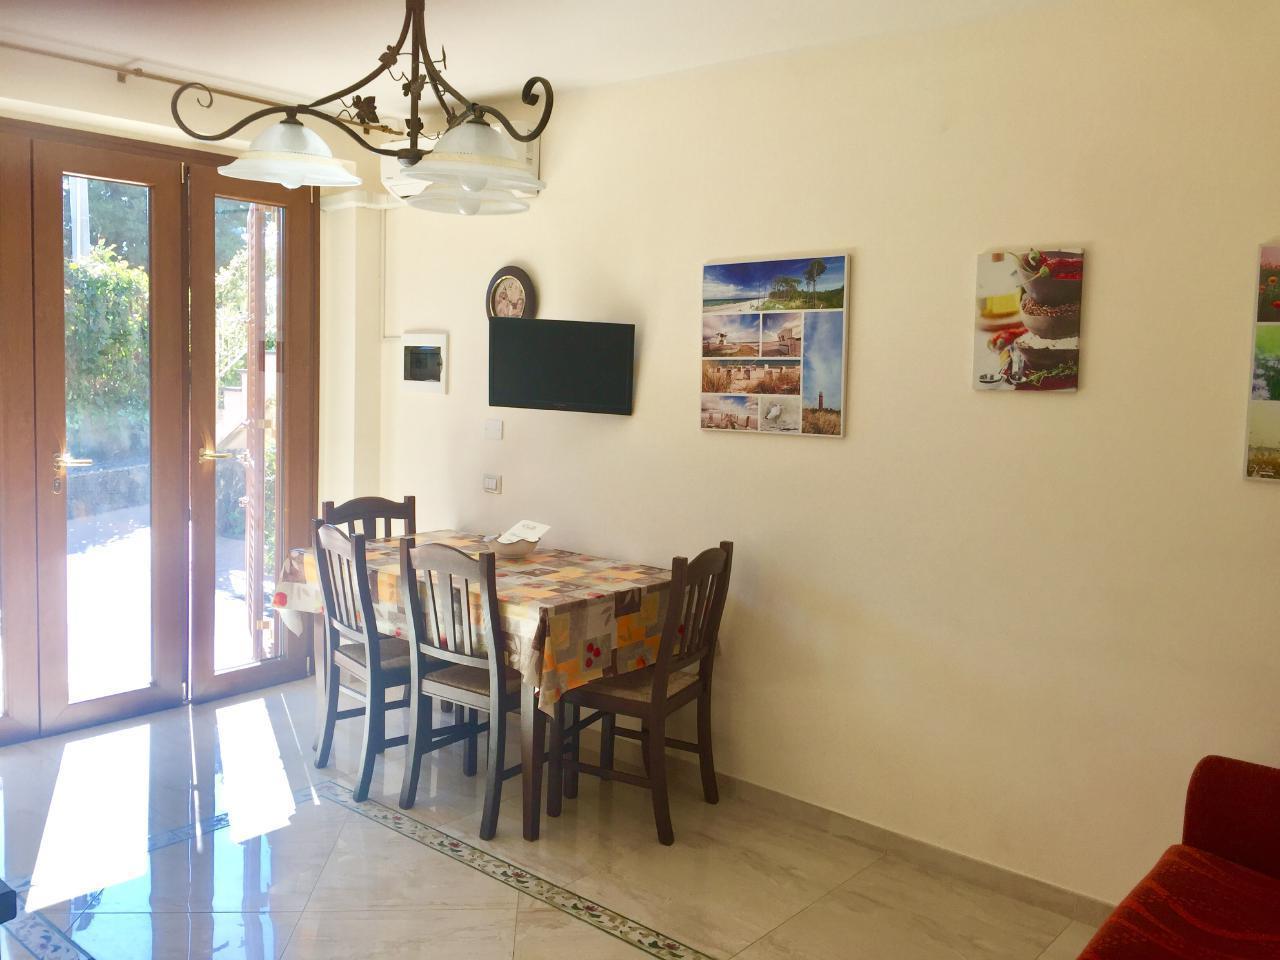 Appartement de vacances Etna Royal View -  Zwei-Zimmer-Wohnung mit Blick auf den Garten (2182582), Trecastagni, Catania, Sicile, Italie, image 19